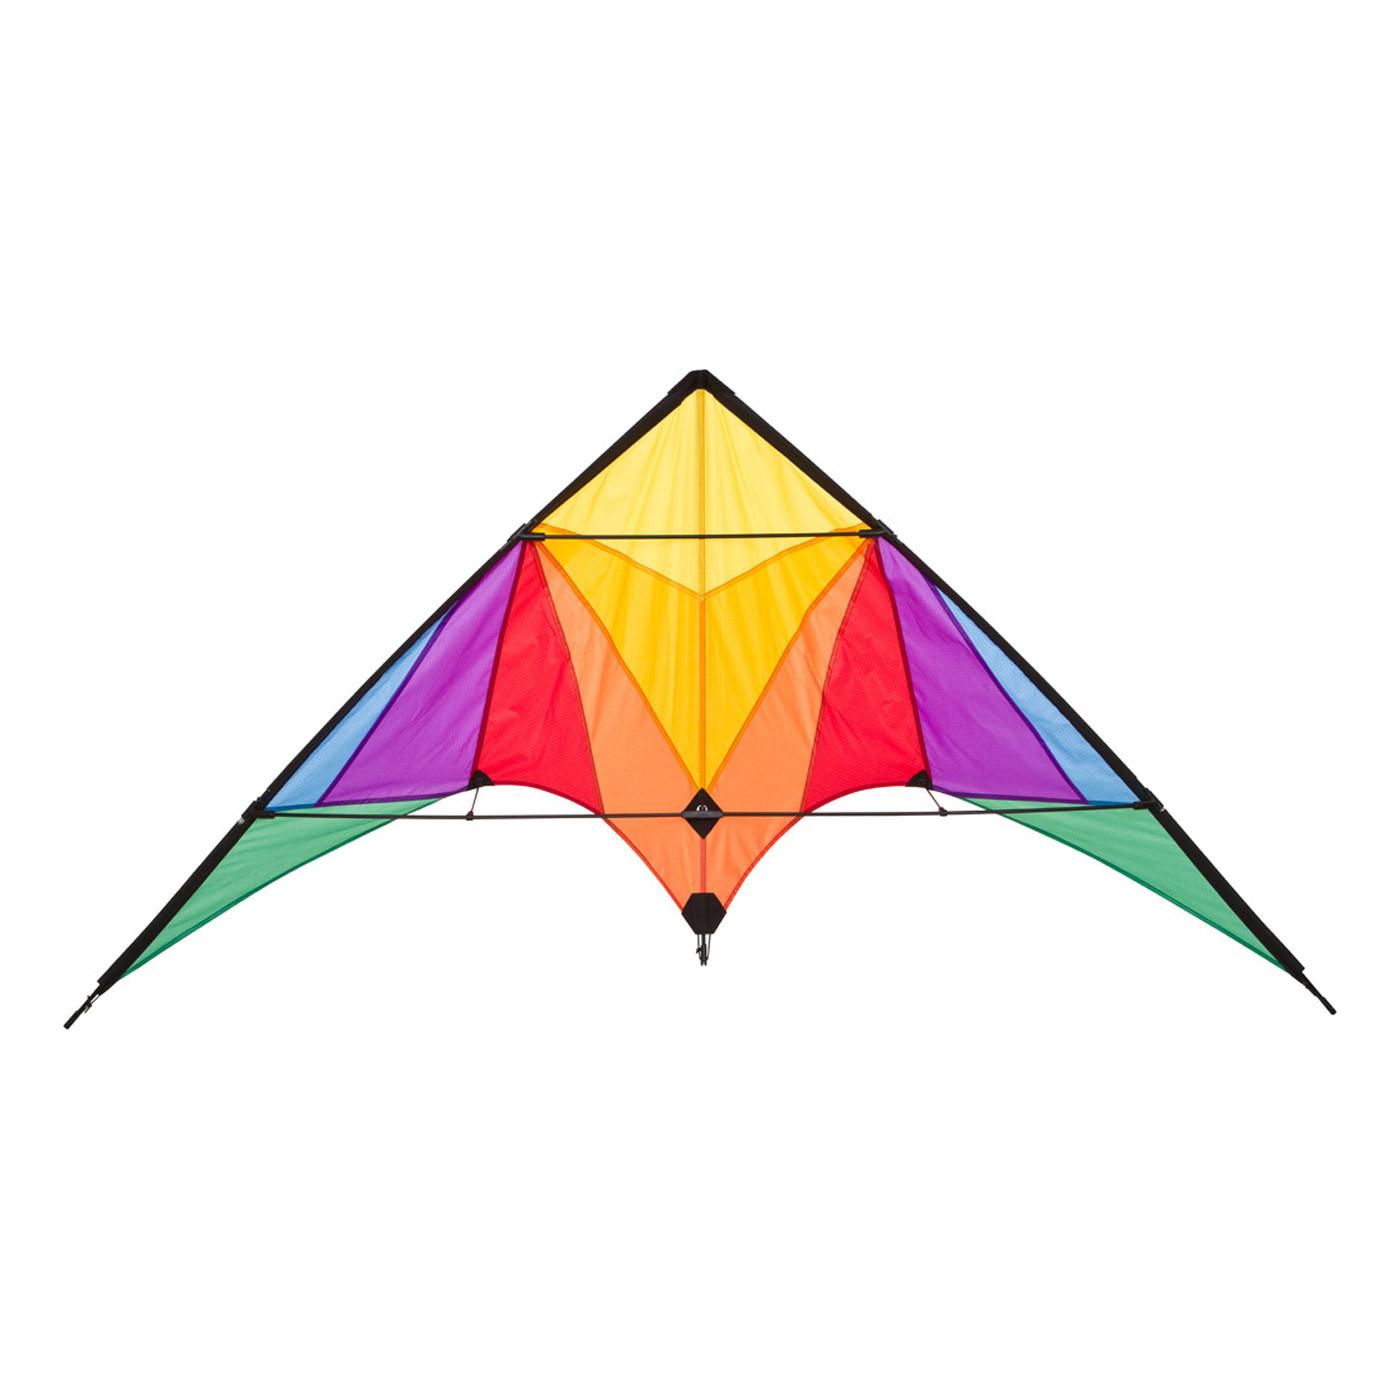 Stunt Kite Trigger Rainbow Stunt Kites Wind Designs